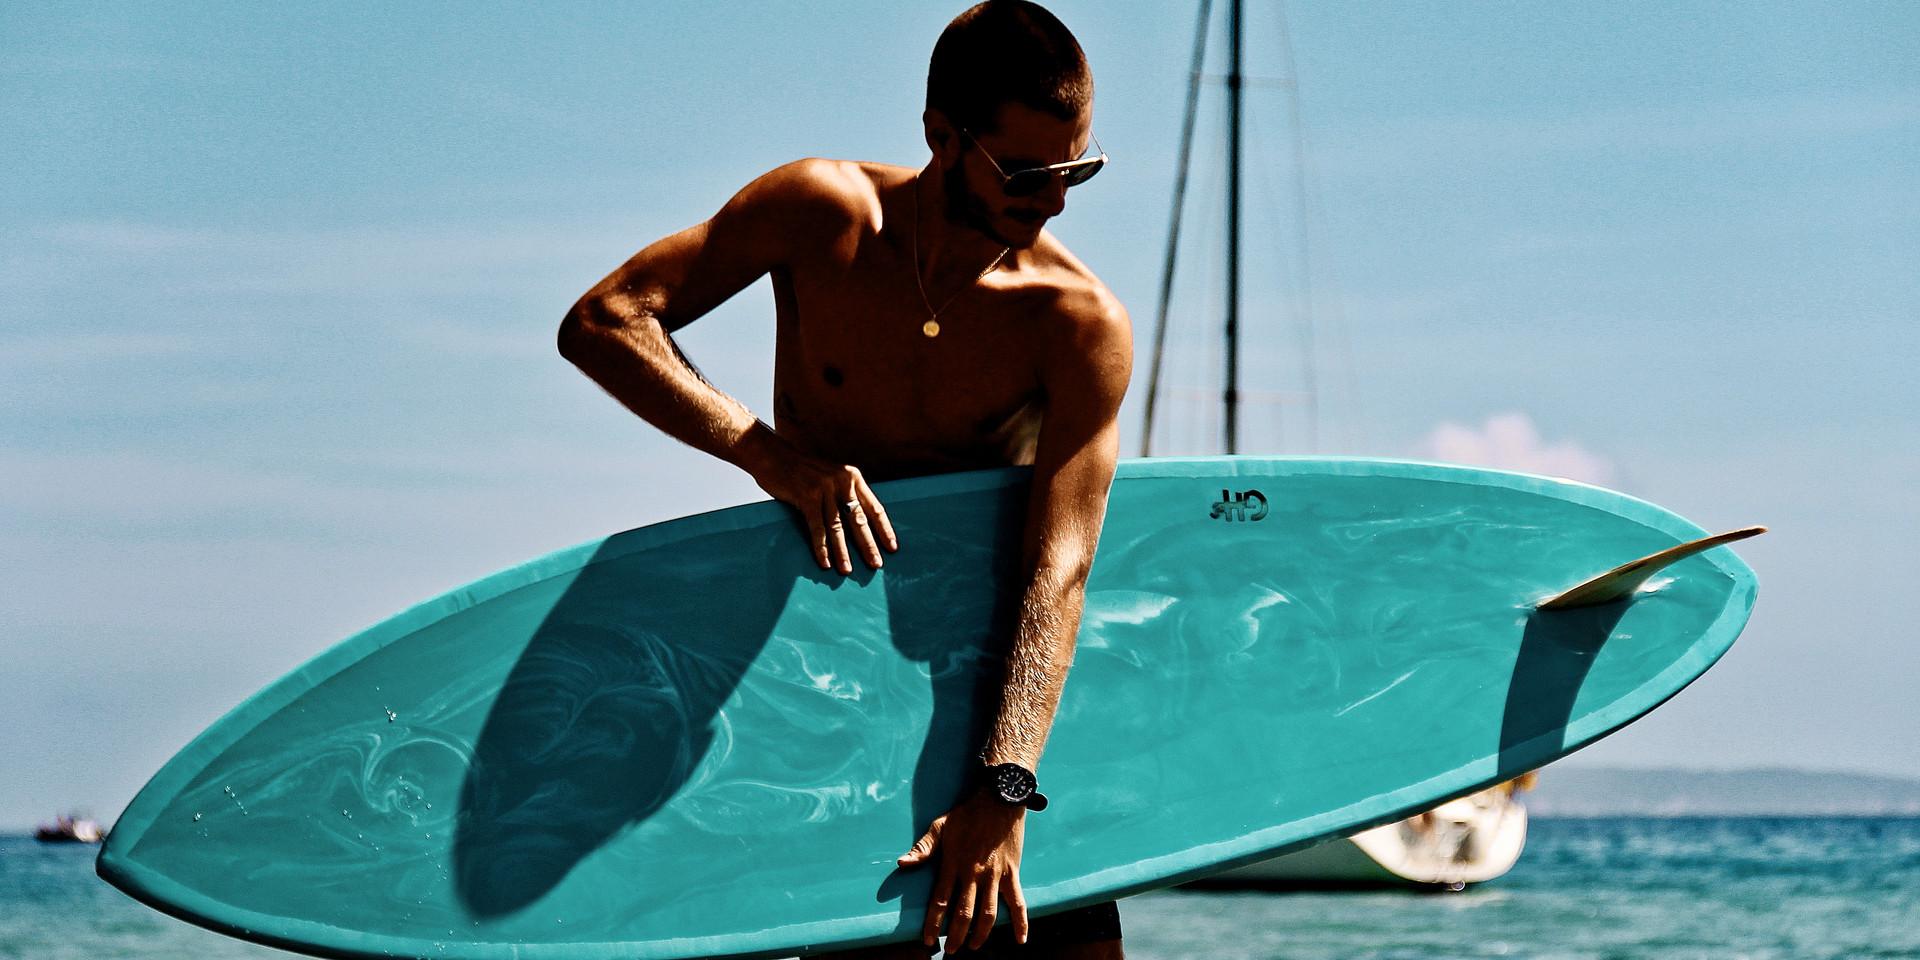 Une planche de surf aux couleurs méditérranéennes